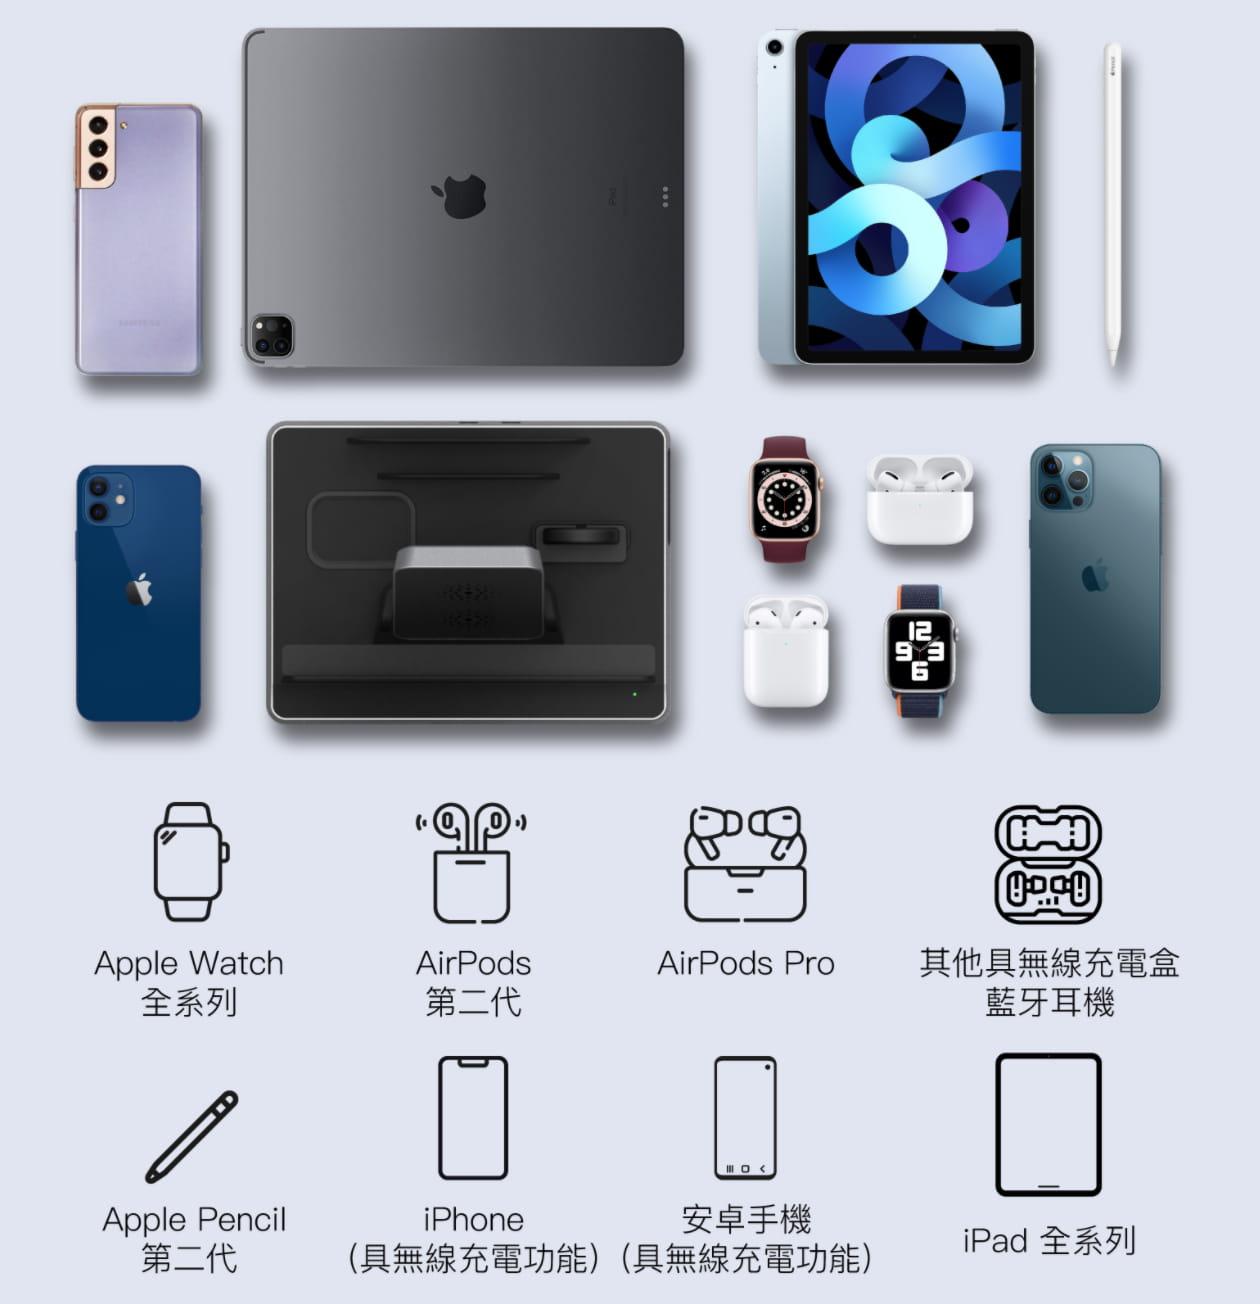 亞果 OMNIA Q5 開箱評測:蘋果五合一充電座,充電、收納一次解決4